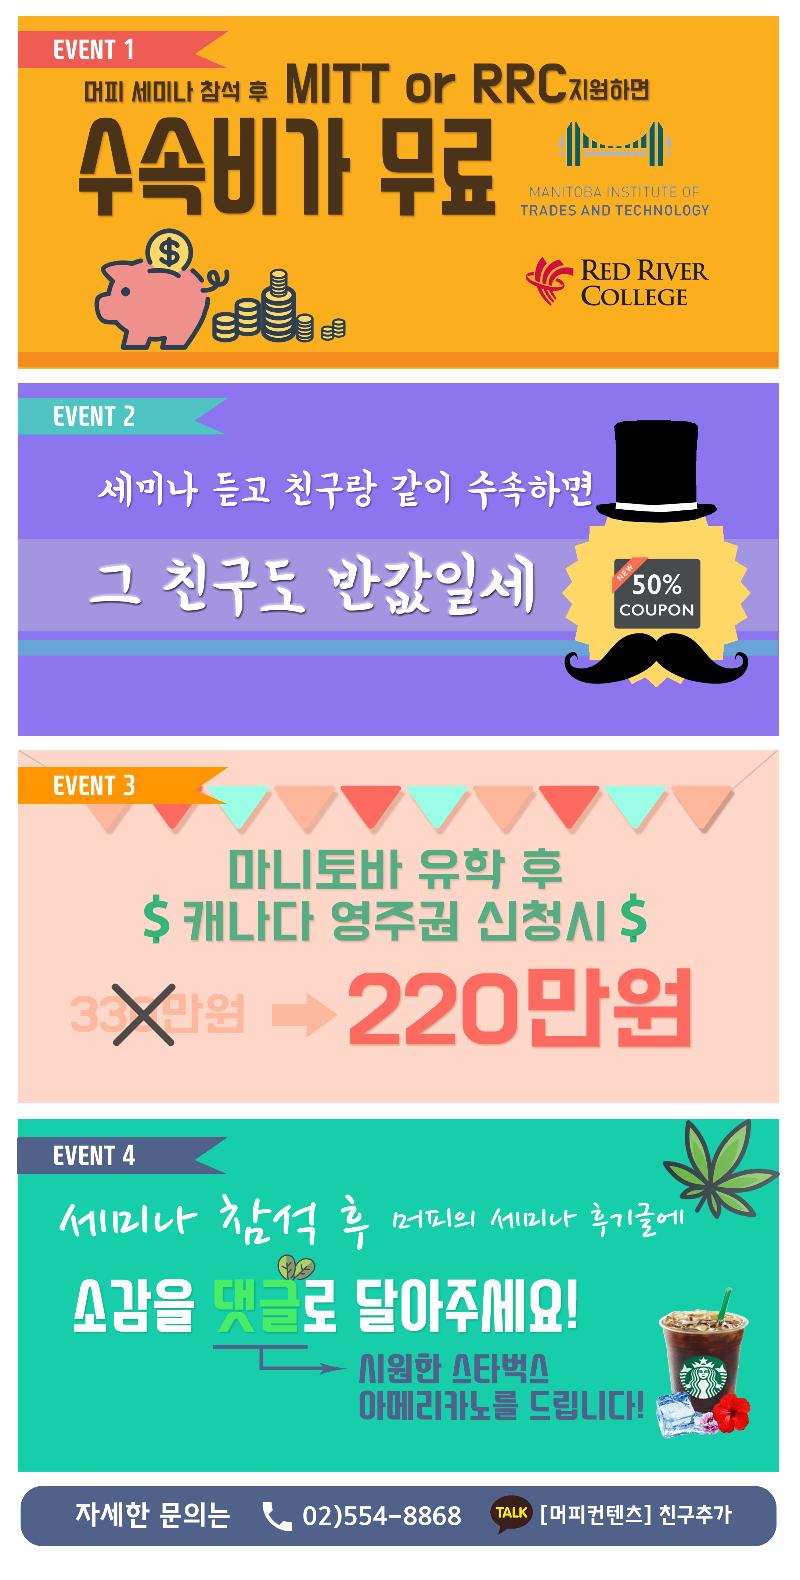 세미나 이벤트 copy.png